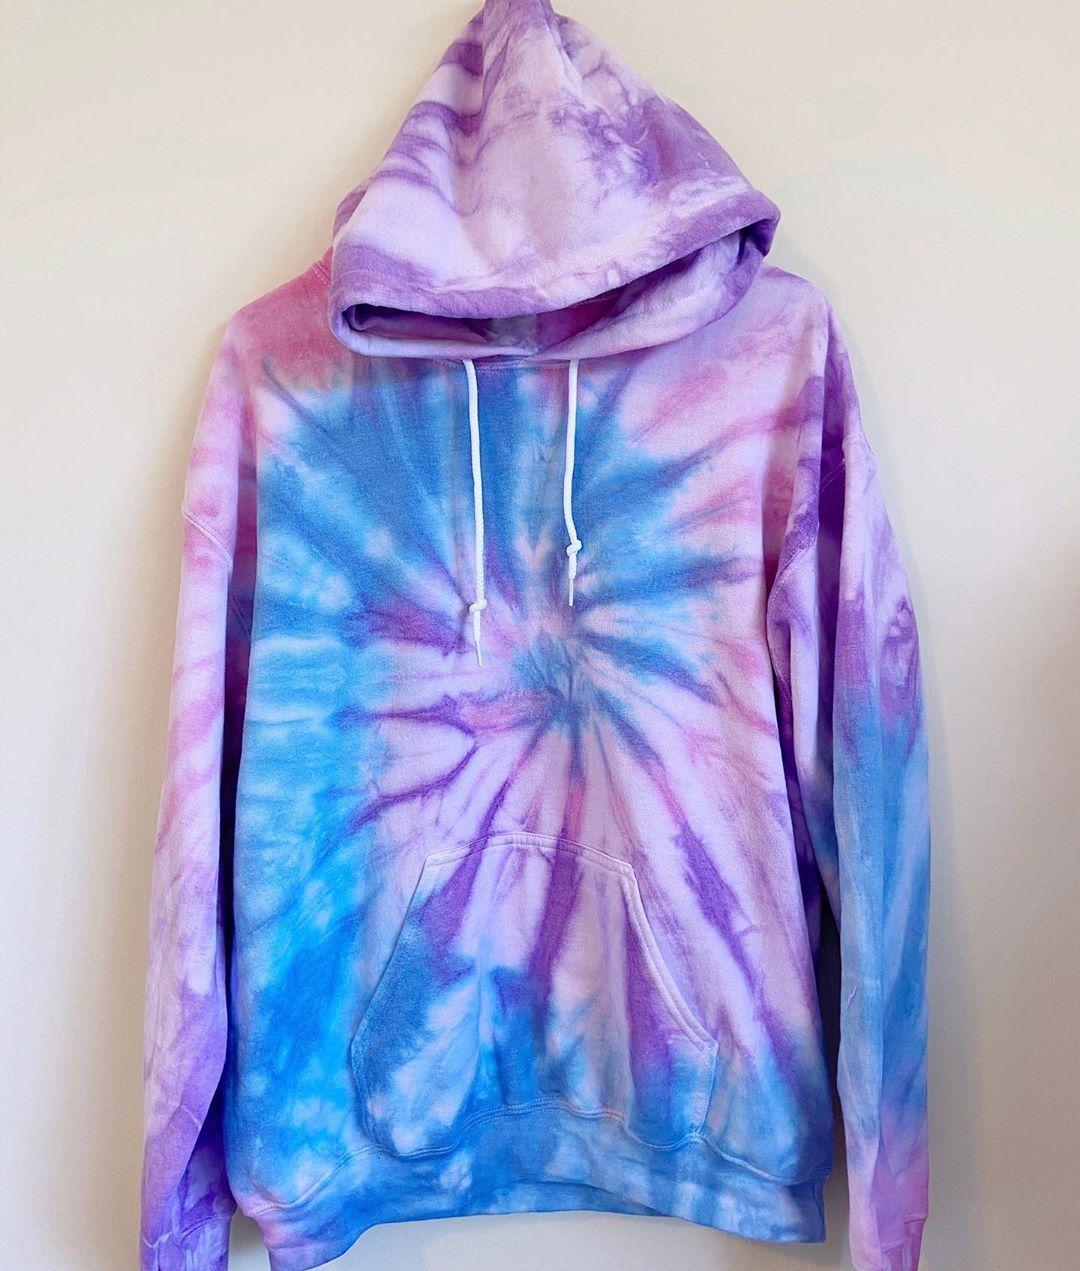 Tie Dye Hoodie Sweatshirt Tie Dye Hoodie Tie Dye Clothes [ 1271 x 1080 Pixel ]